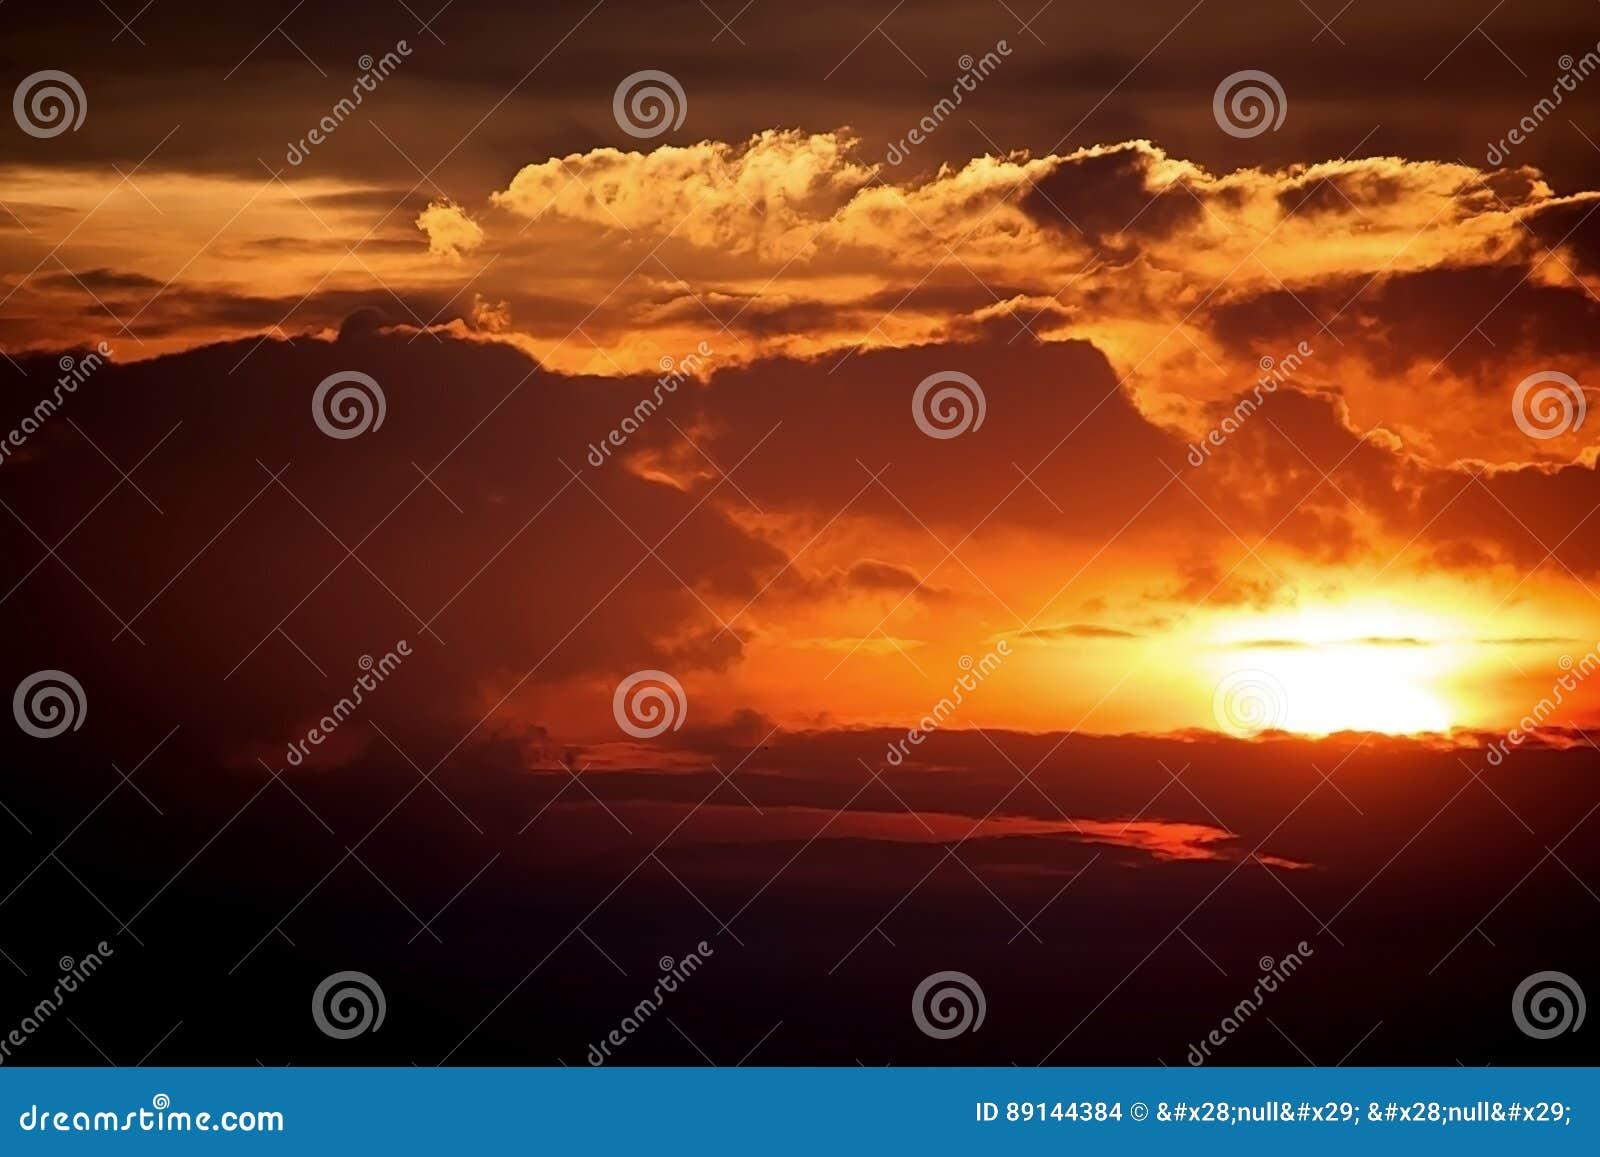 Dramatique et puissant du ciel et des nuages de coucher du soleil